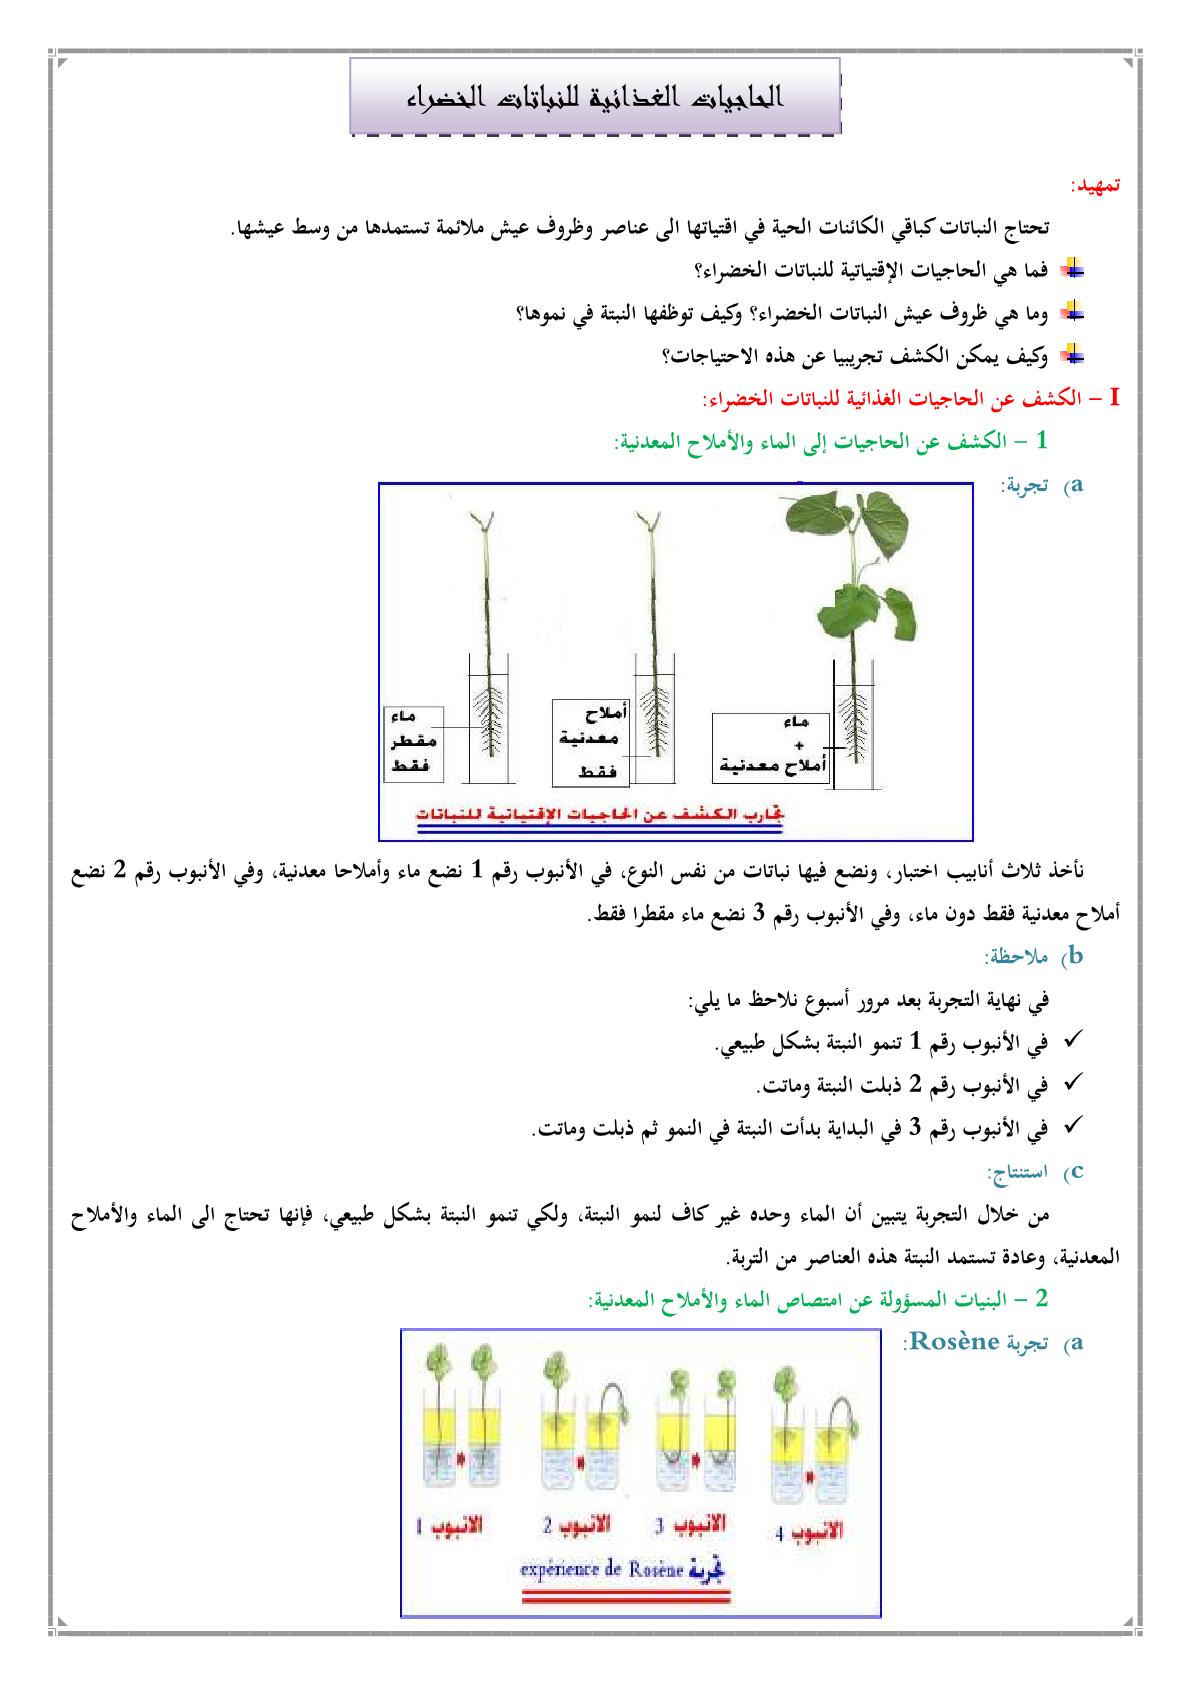 درس الحاجيات الغذائية للنباتات الخضراء للمستوى الأولى إعدادي